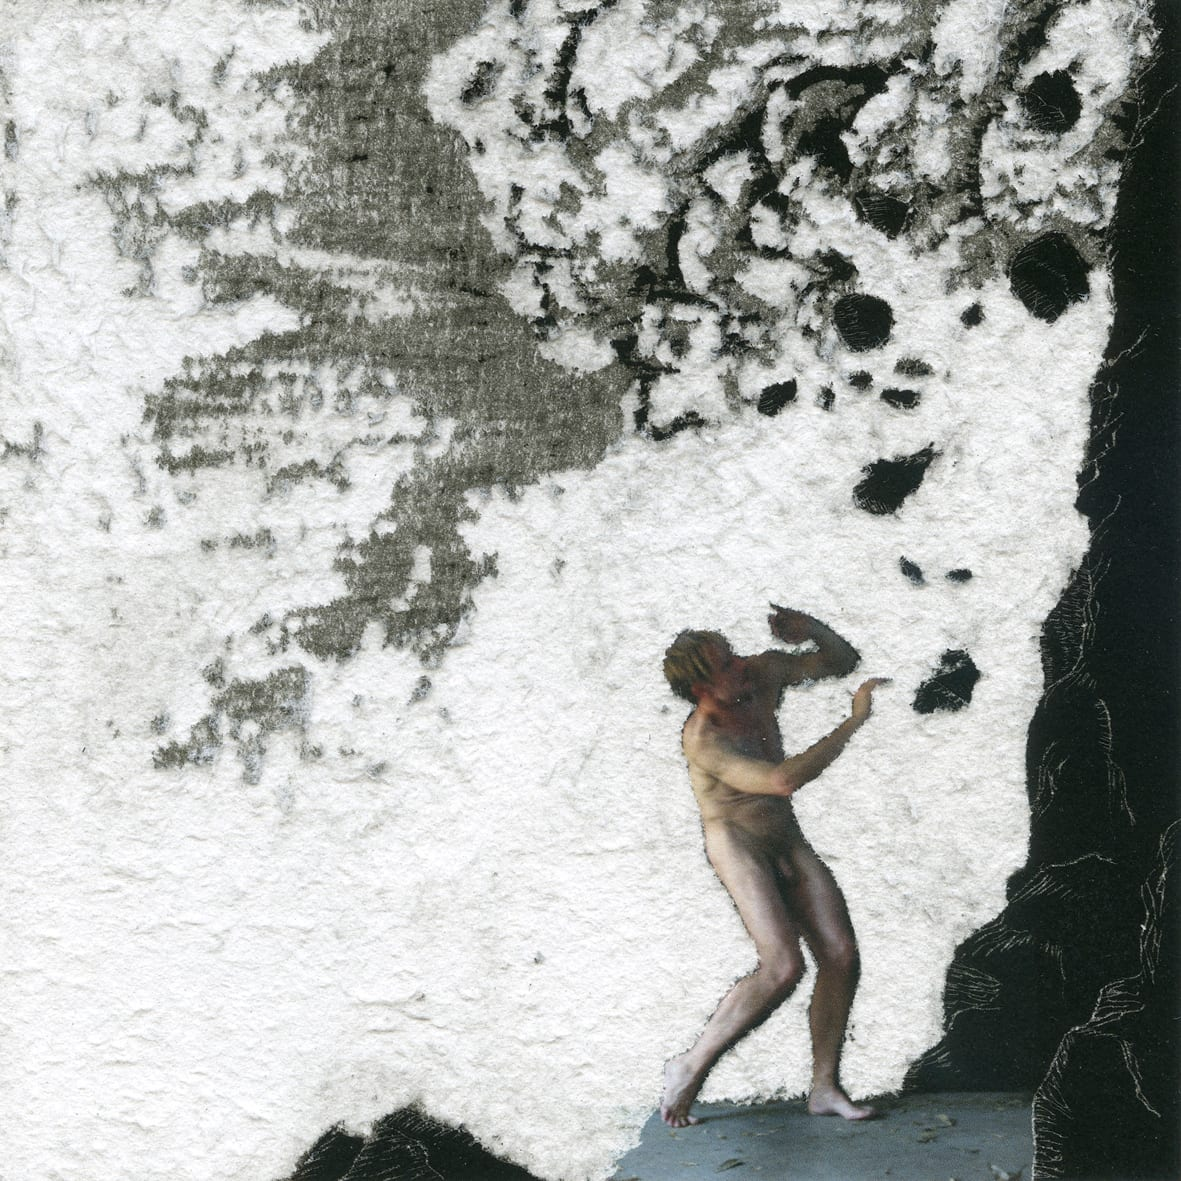 Henri van Noordenburg, Composition XXIX, ink on paper hand carved, 17.5 cm x 17.5 cm framed, 2013